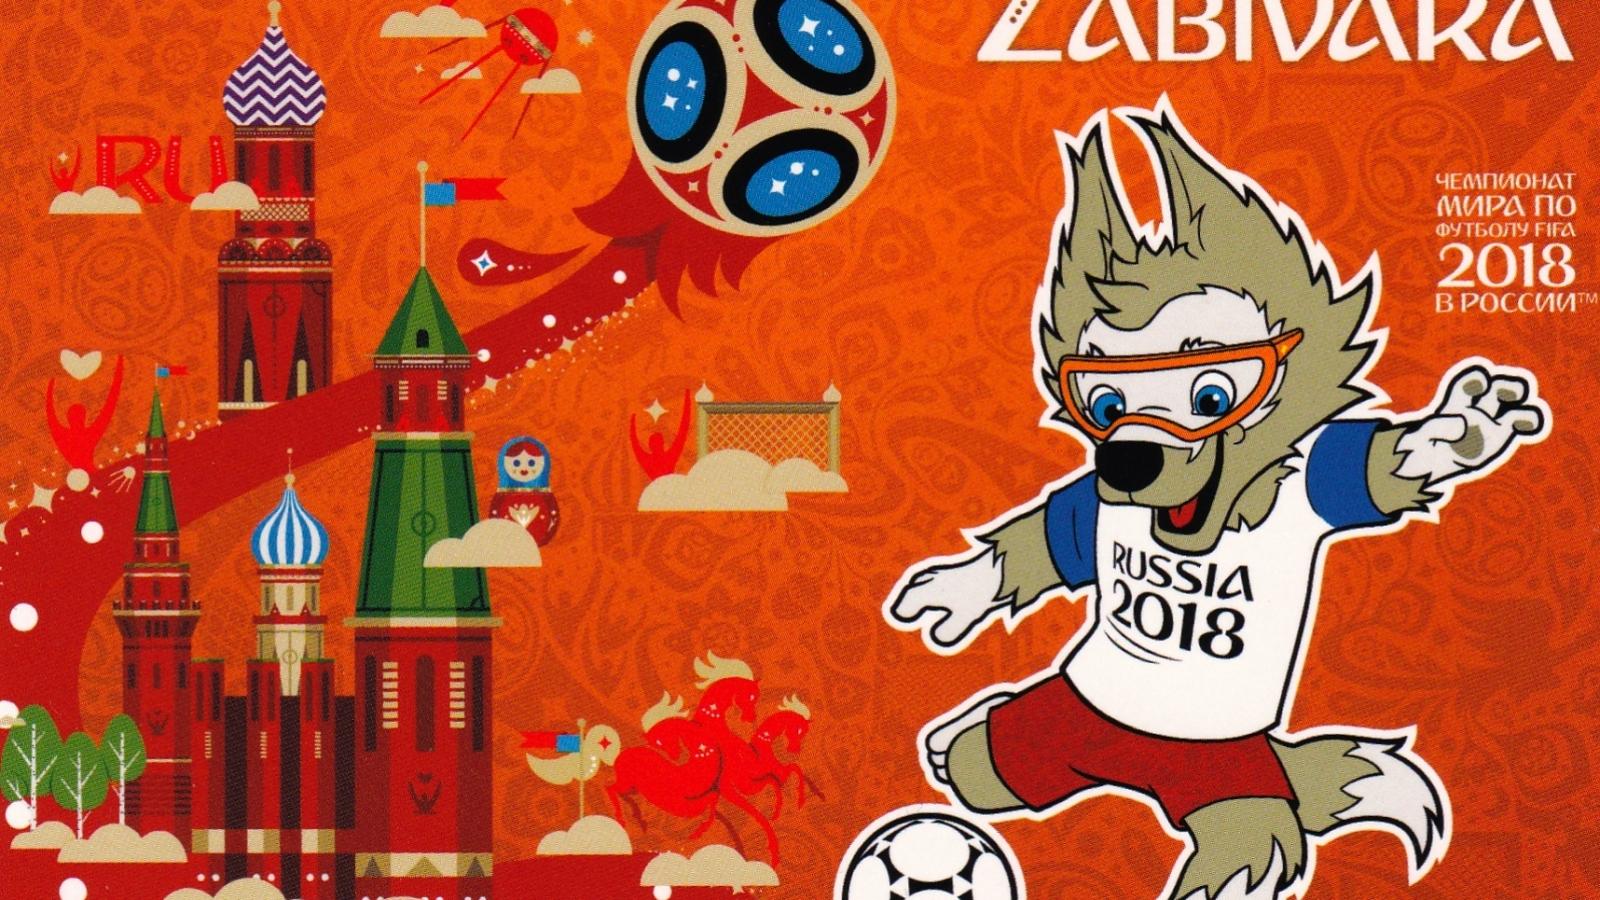 La Mascota del Mundial Rusia 2018 - 1600x900